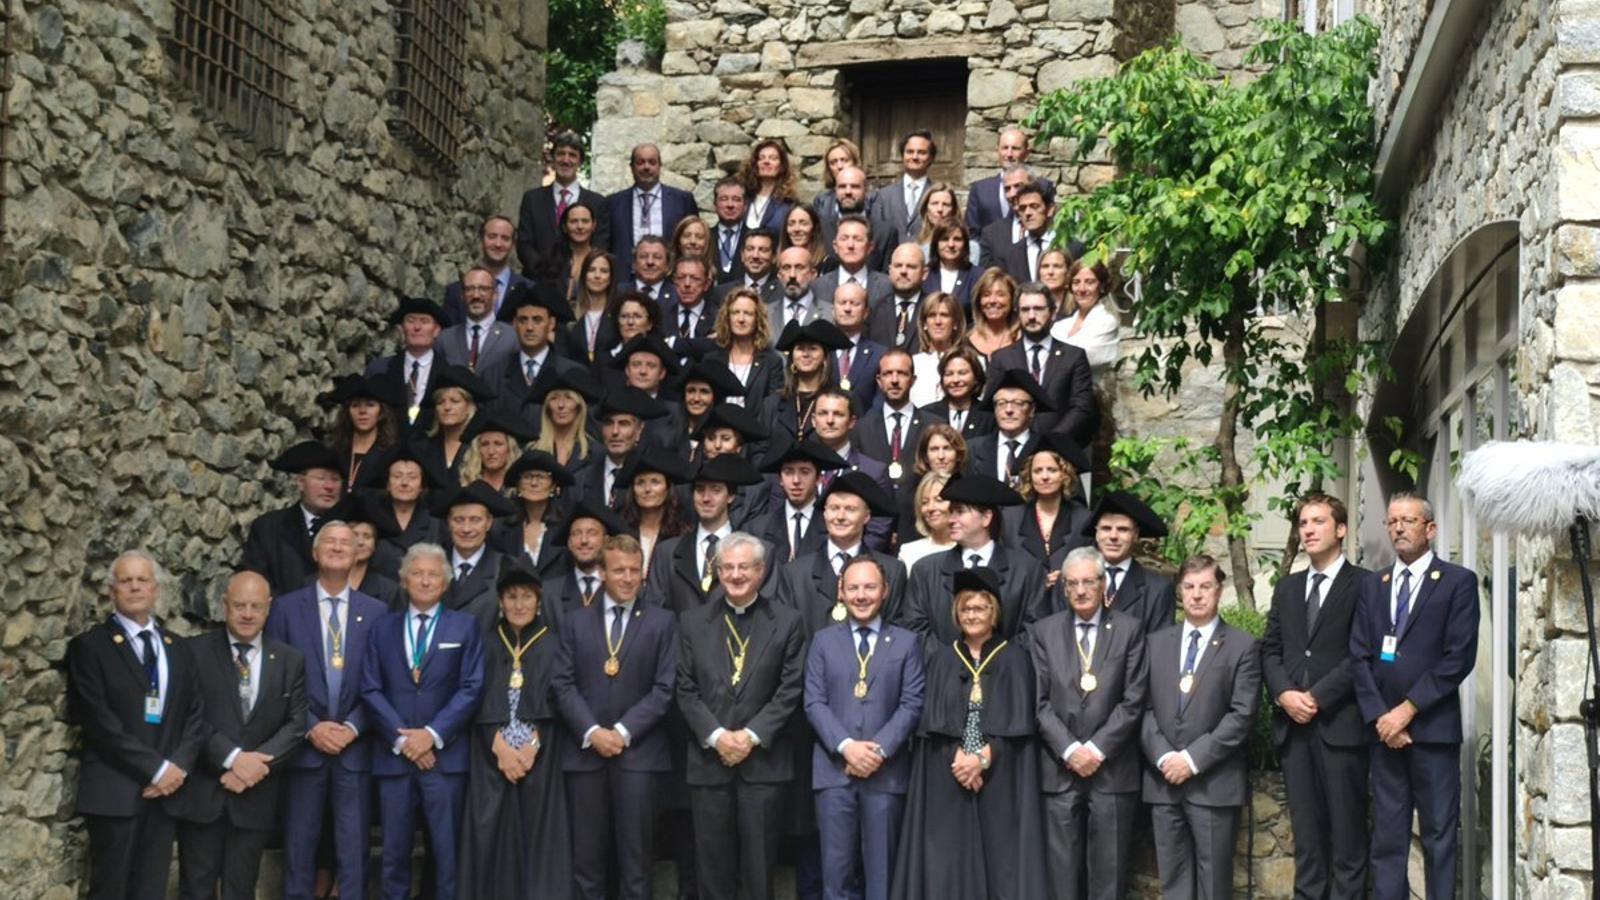 Macron, Vives, Espot i tots els consellers generals a les escales de Casa de la Vall. / SFG